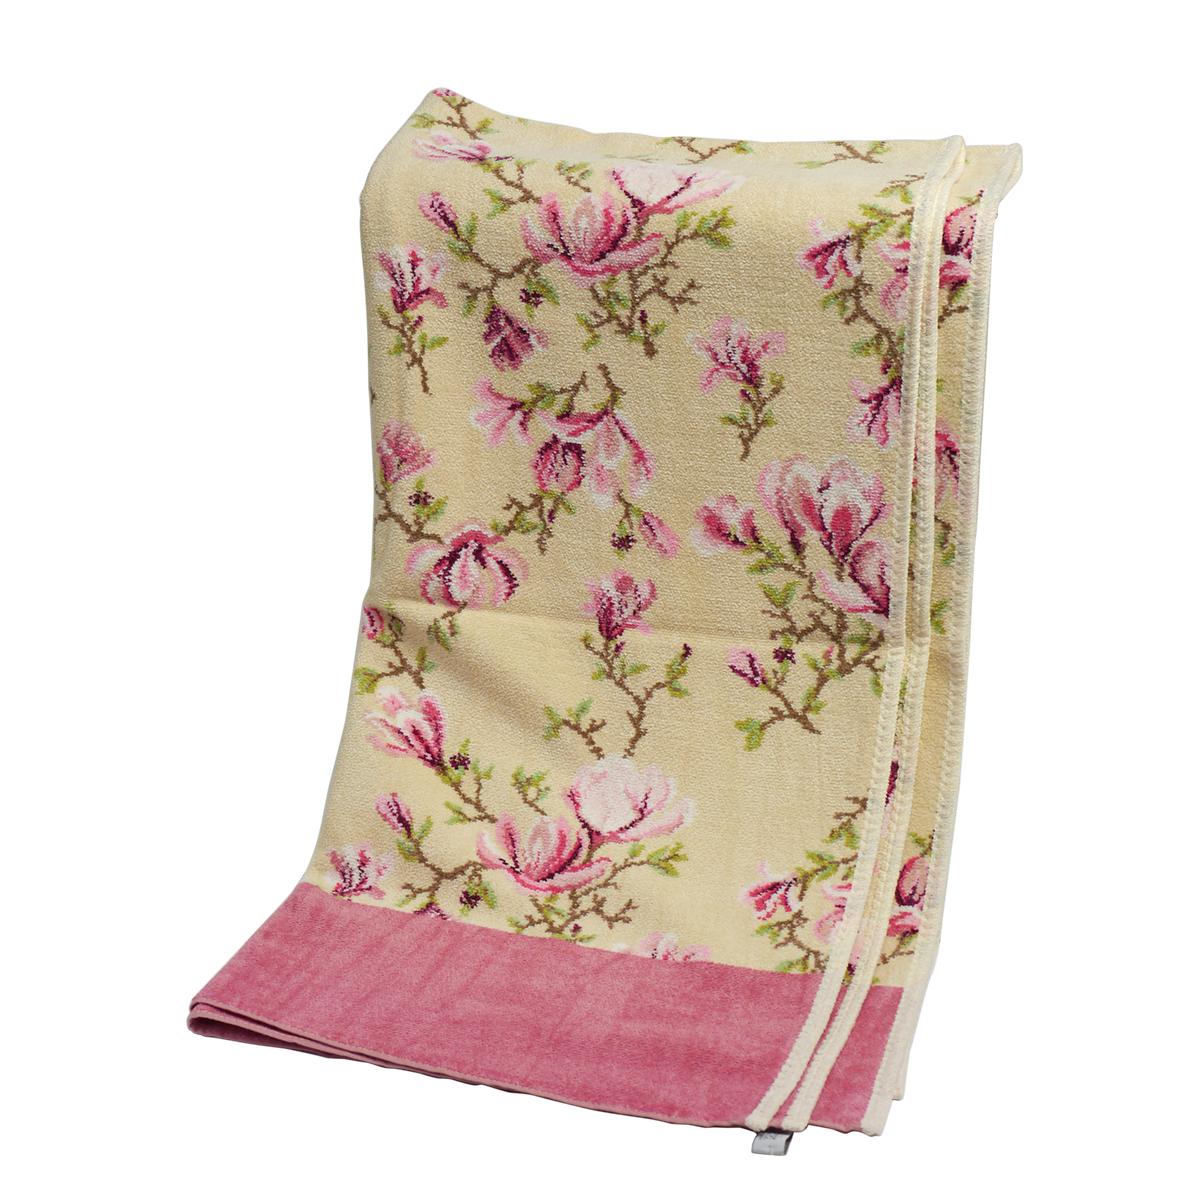 【24時間ポイント3倍】フェイラー バスタオル マグノリアベージュ FEILER ローズウッド 75x150cm FEILER Chenille Bath Towel Magnolia Beige ギフトに最適 日用品雑貨 ギフト・のし可